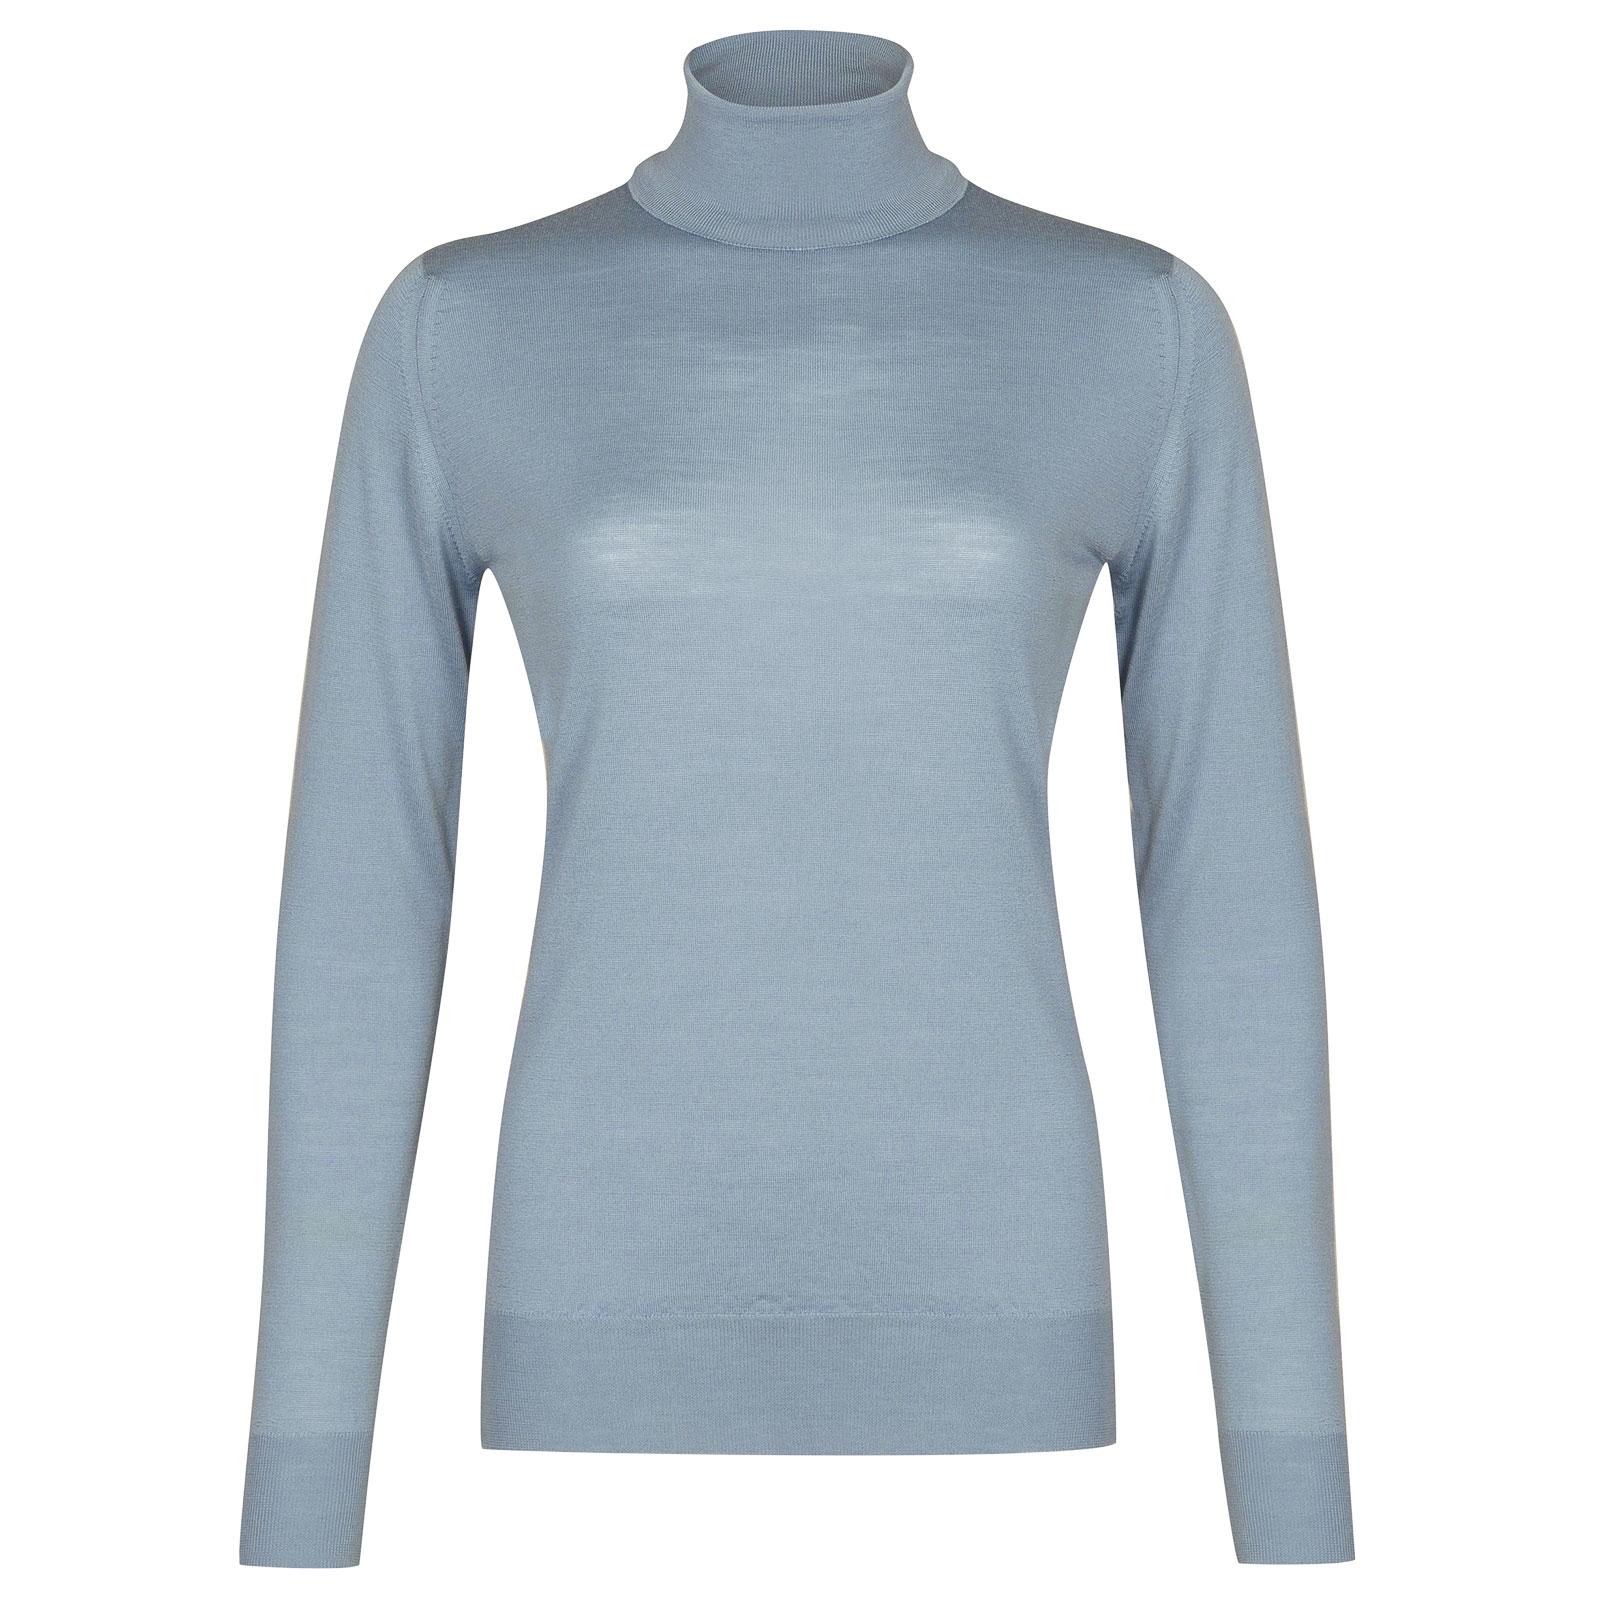 John Smedley Catkin in Dusk Blue Sweater-MED